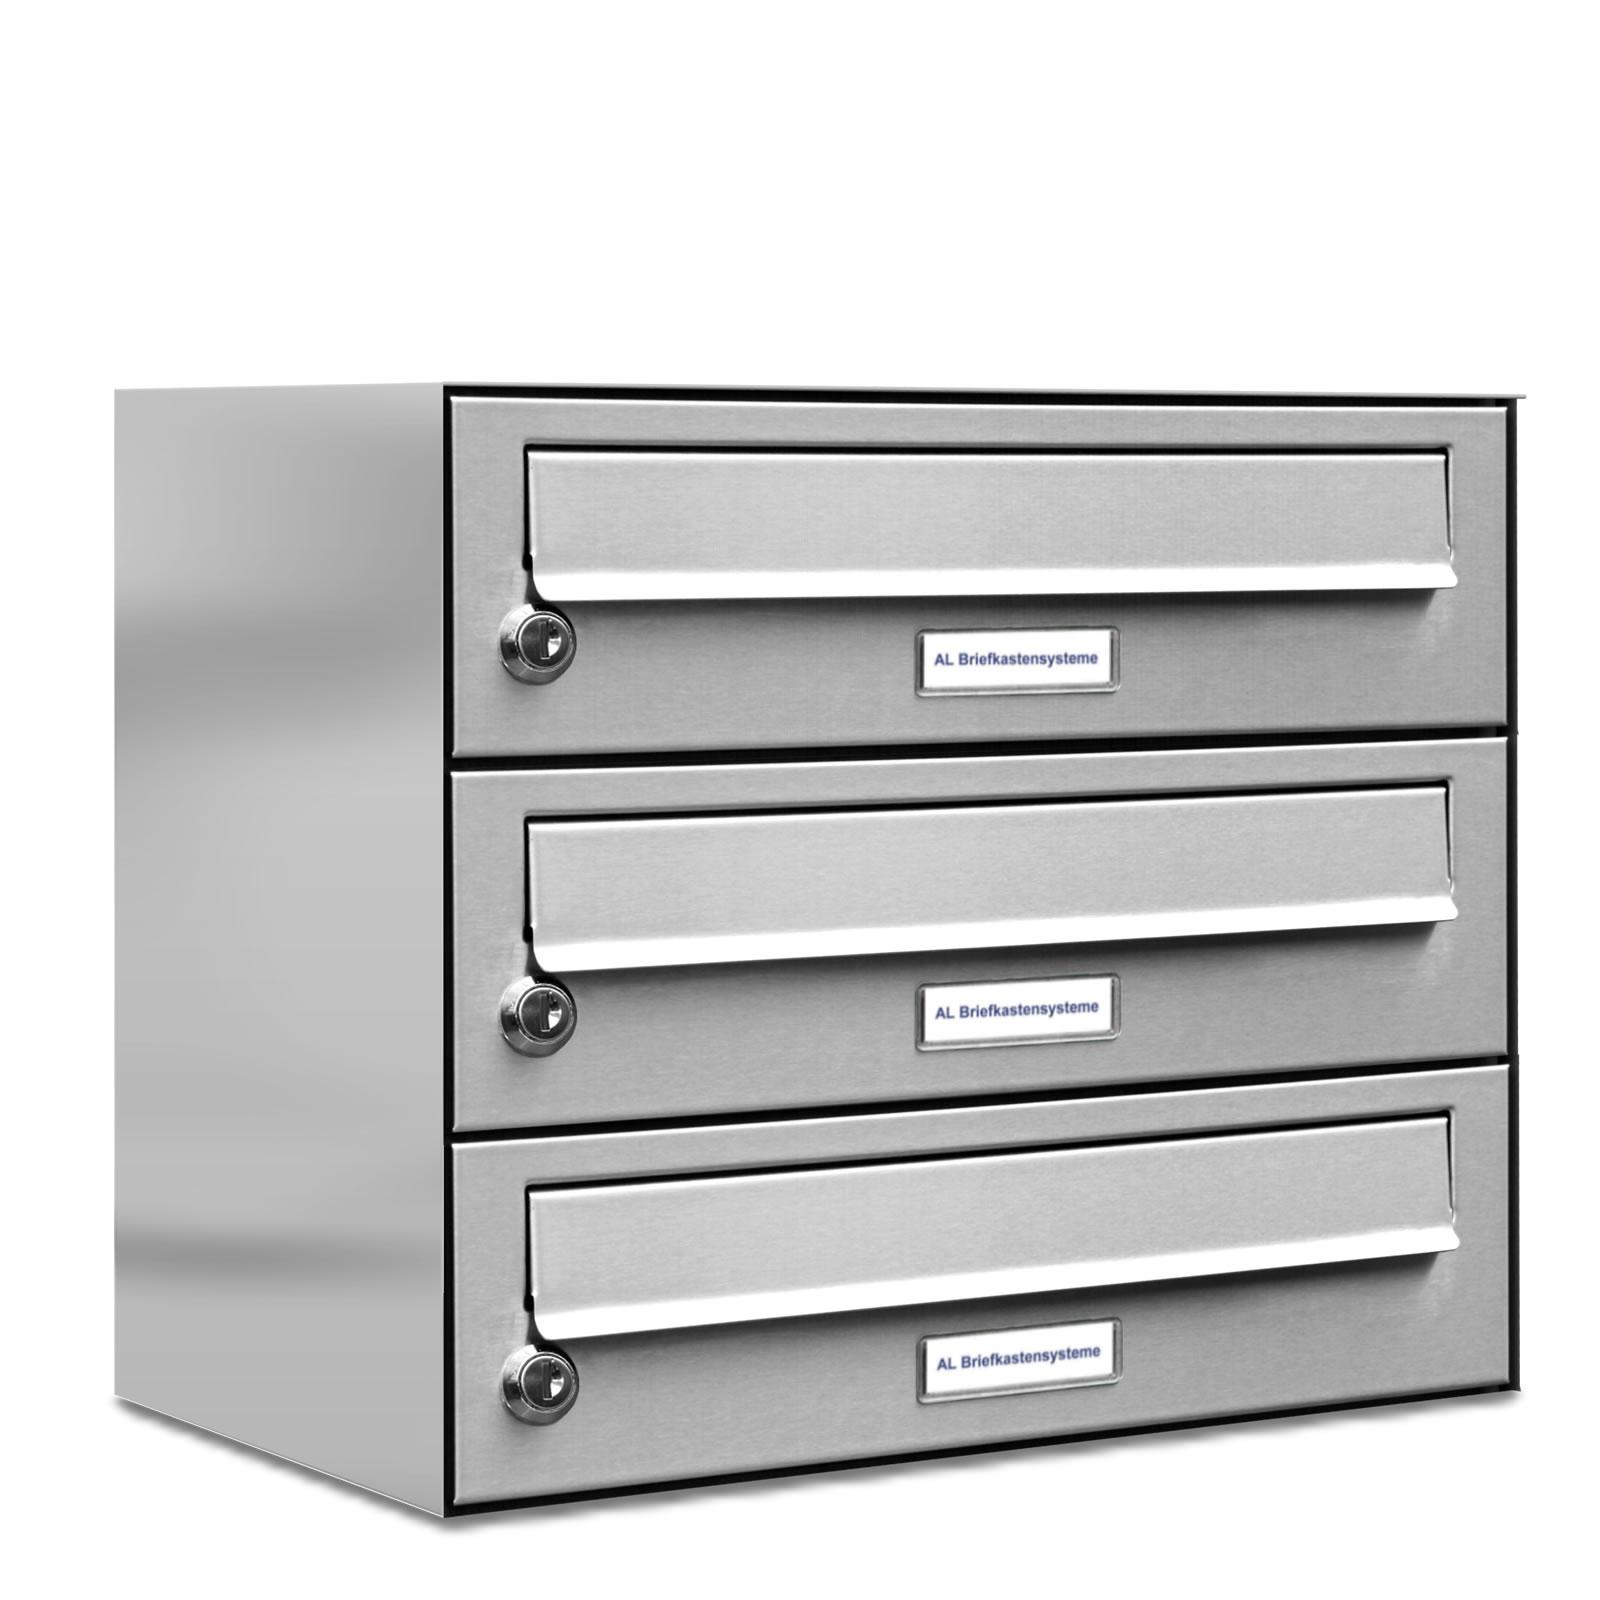 3er premium edelstahl briefkasten anlage einbau aufputz ebay. Black Bedroom Furniture Sets. Home Design Ideas